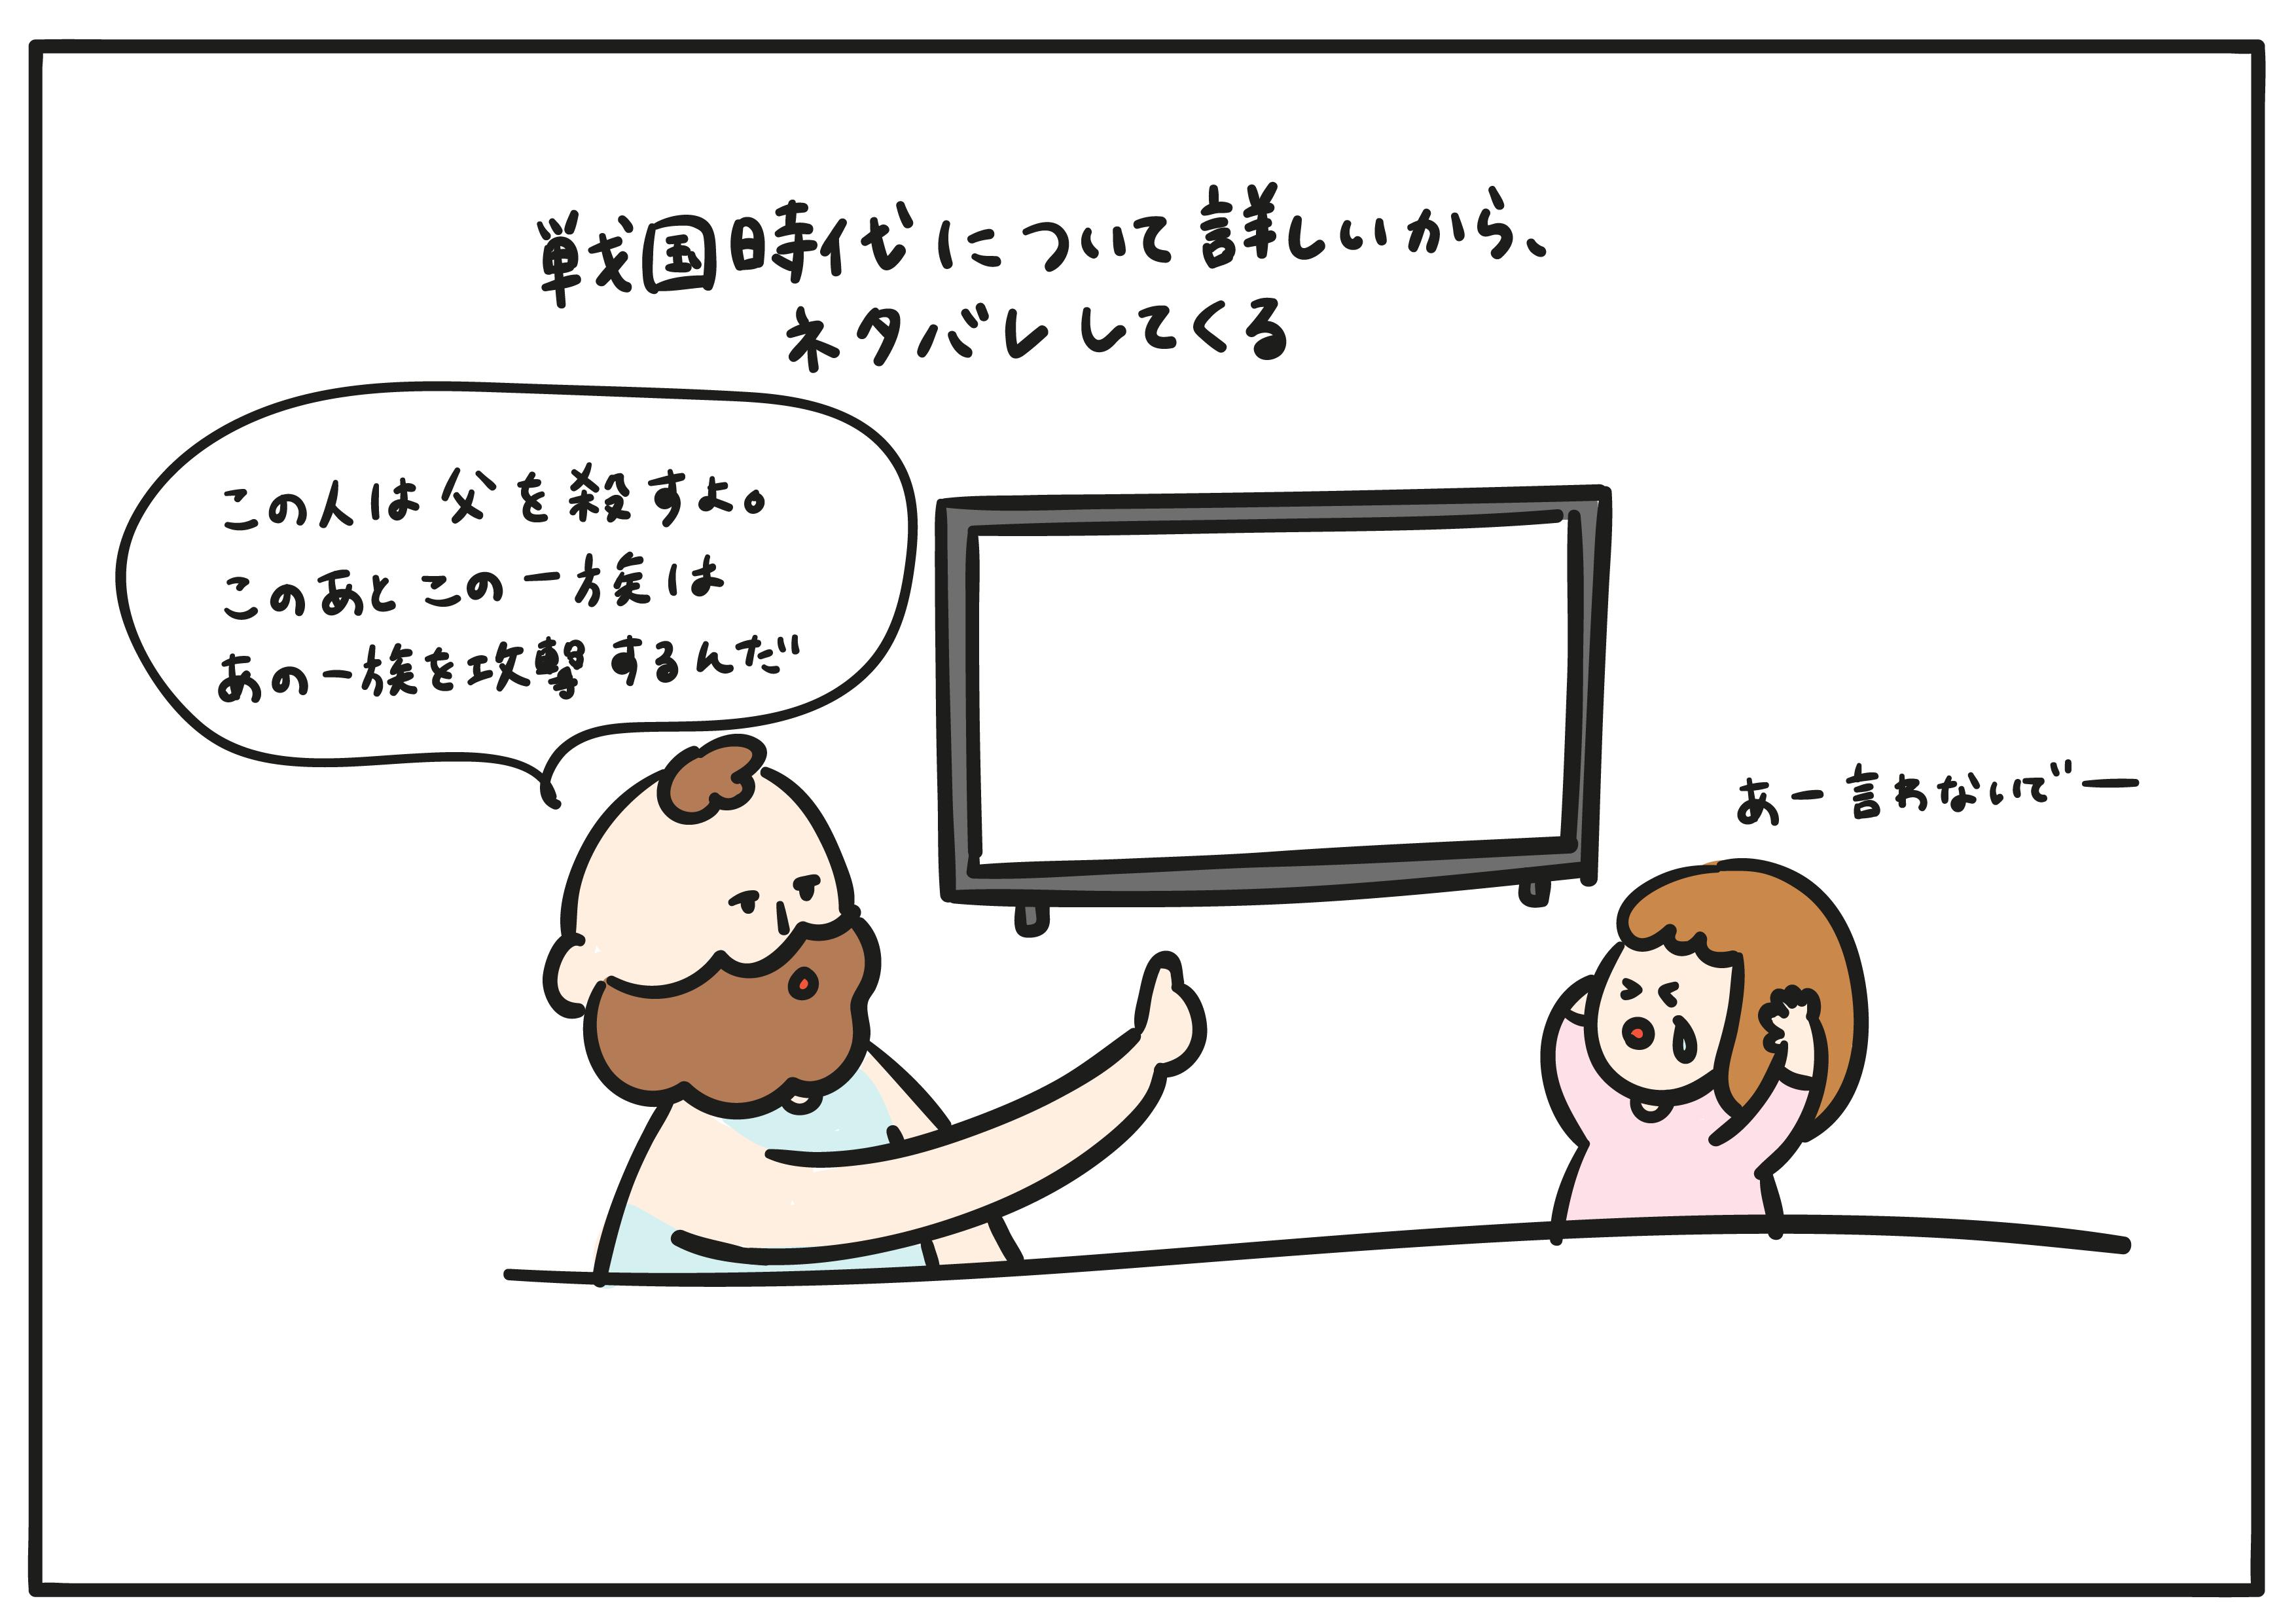 戦国大好き_04-01